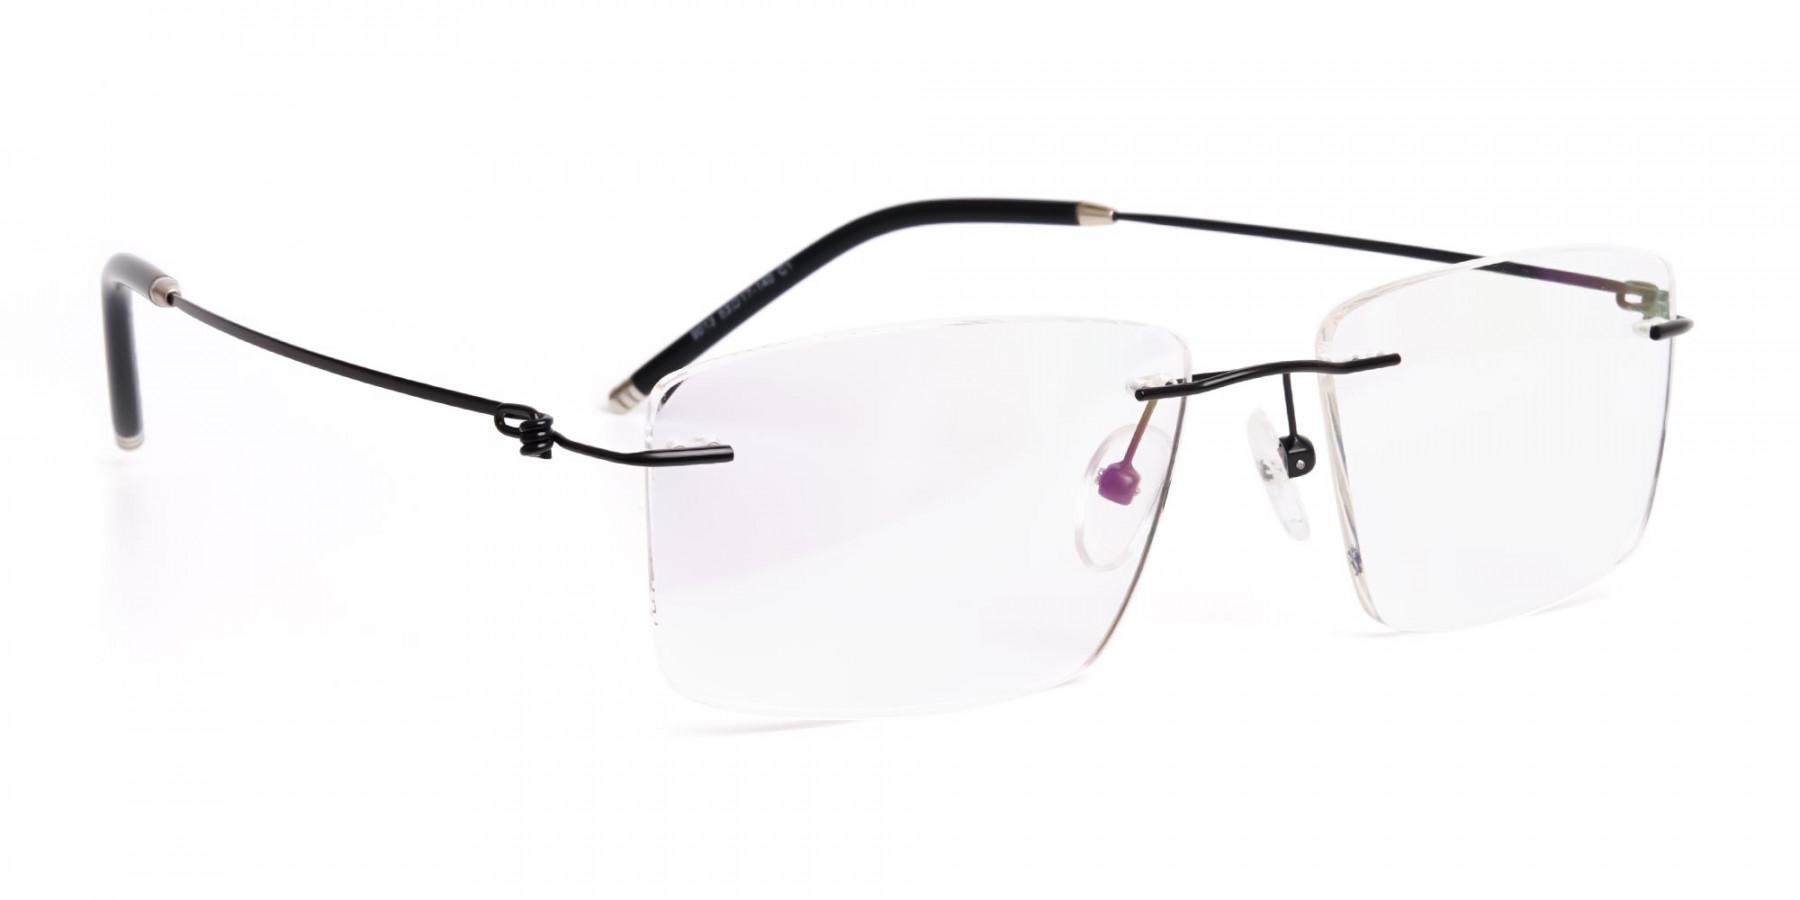 designer-black-rectangular-rim-less-glasses-frames-1